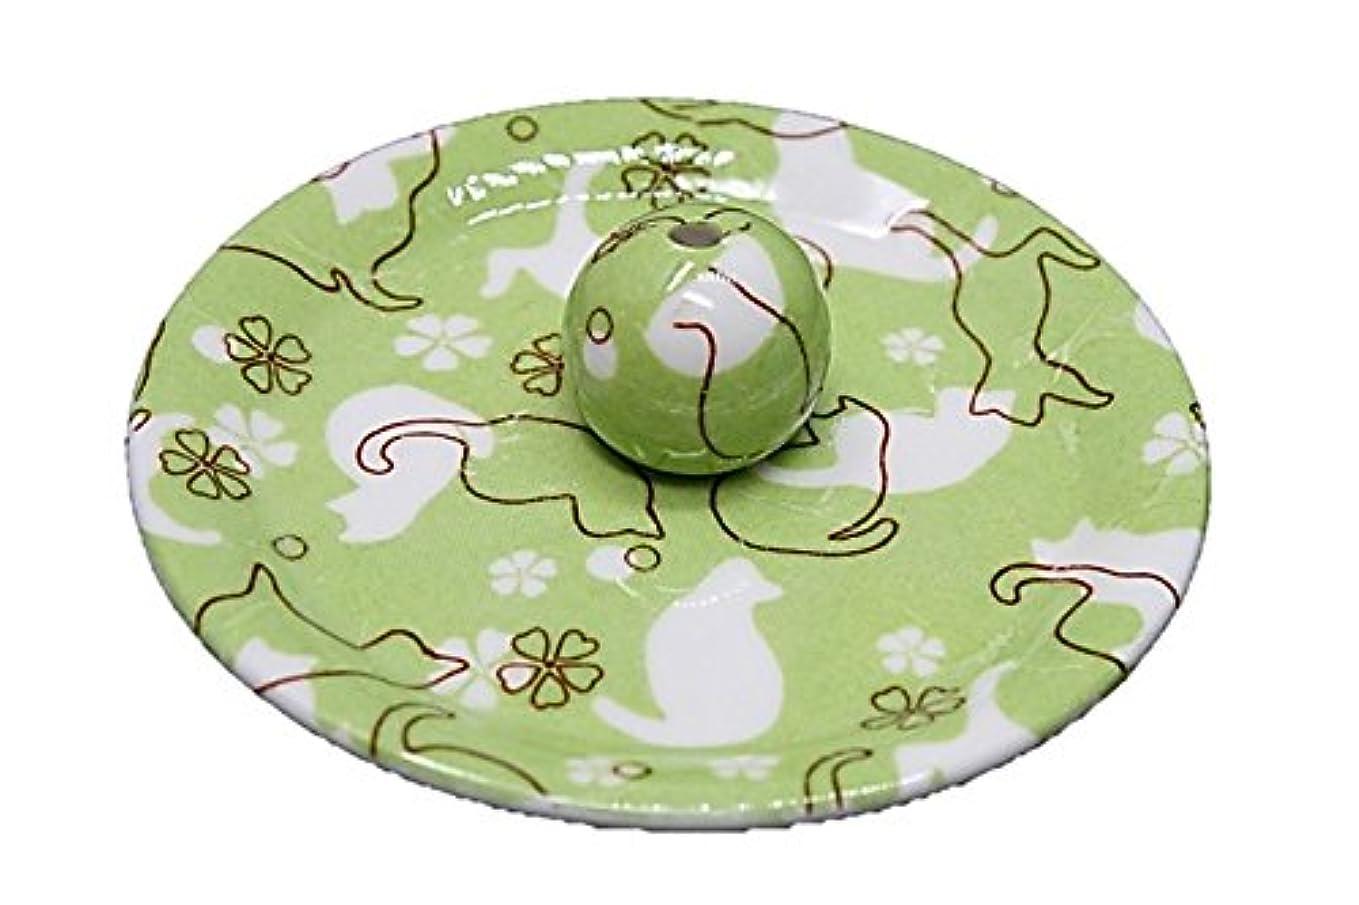 先入観相談酸9-47 ねこランド(グリーン) 9cm香皿 日本製 お香立て 陶器 猫柄